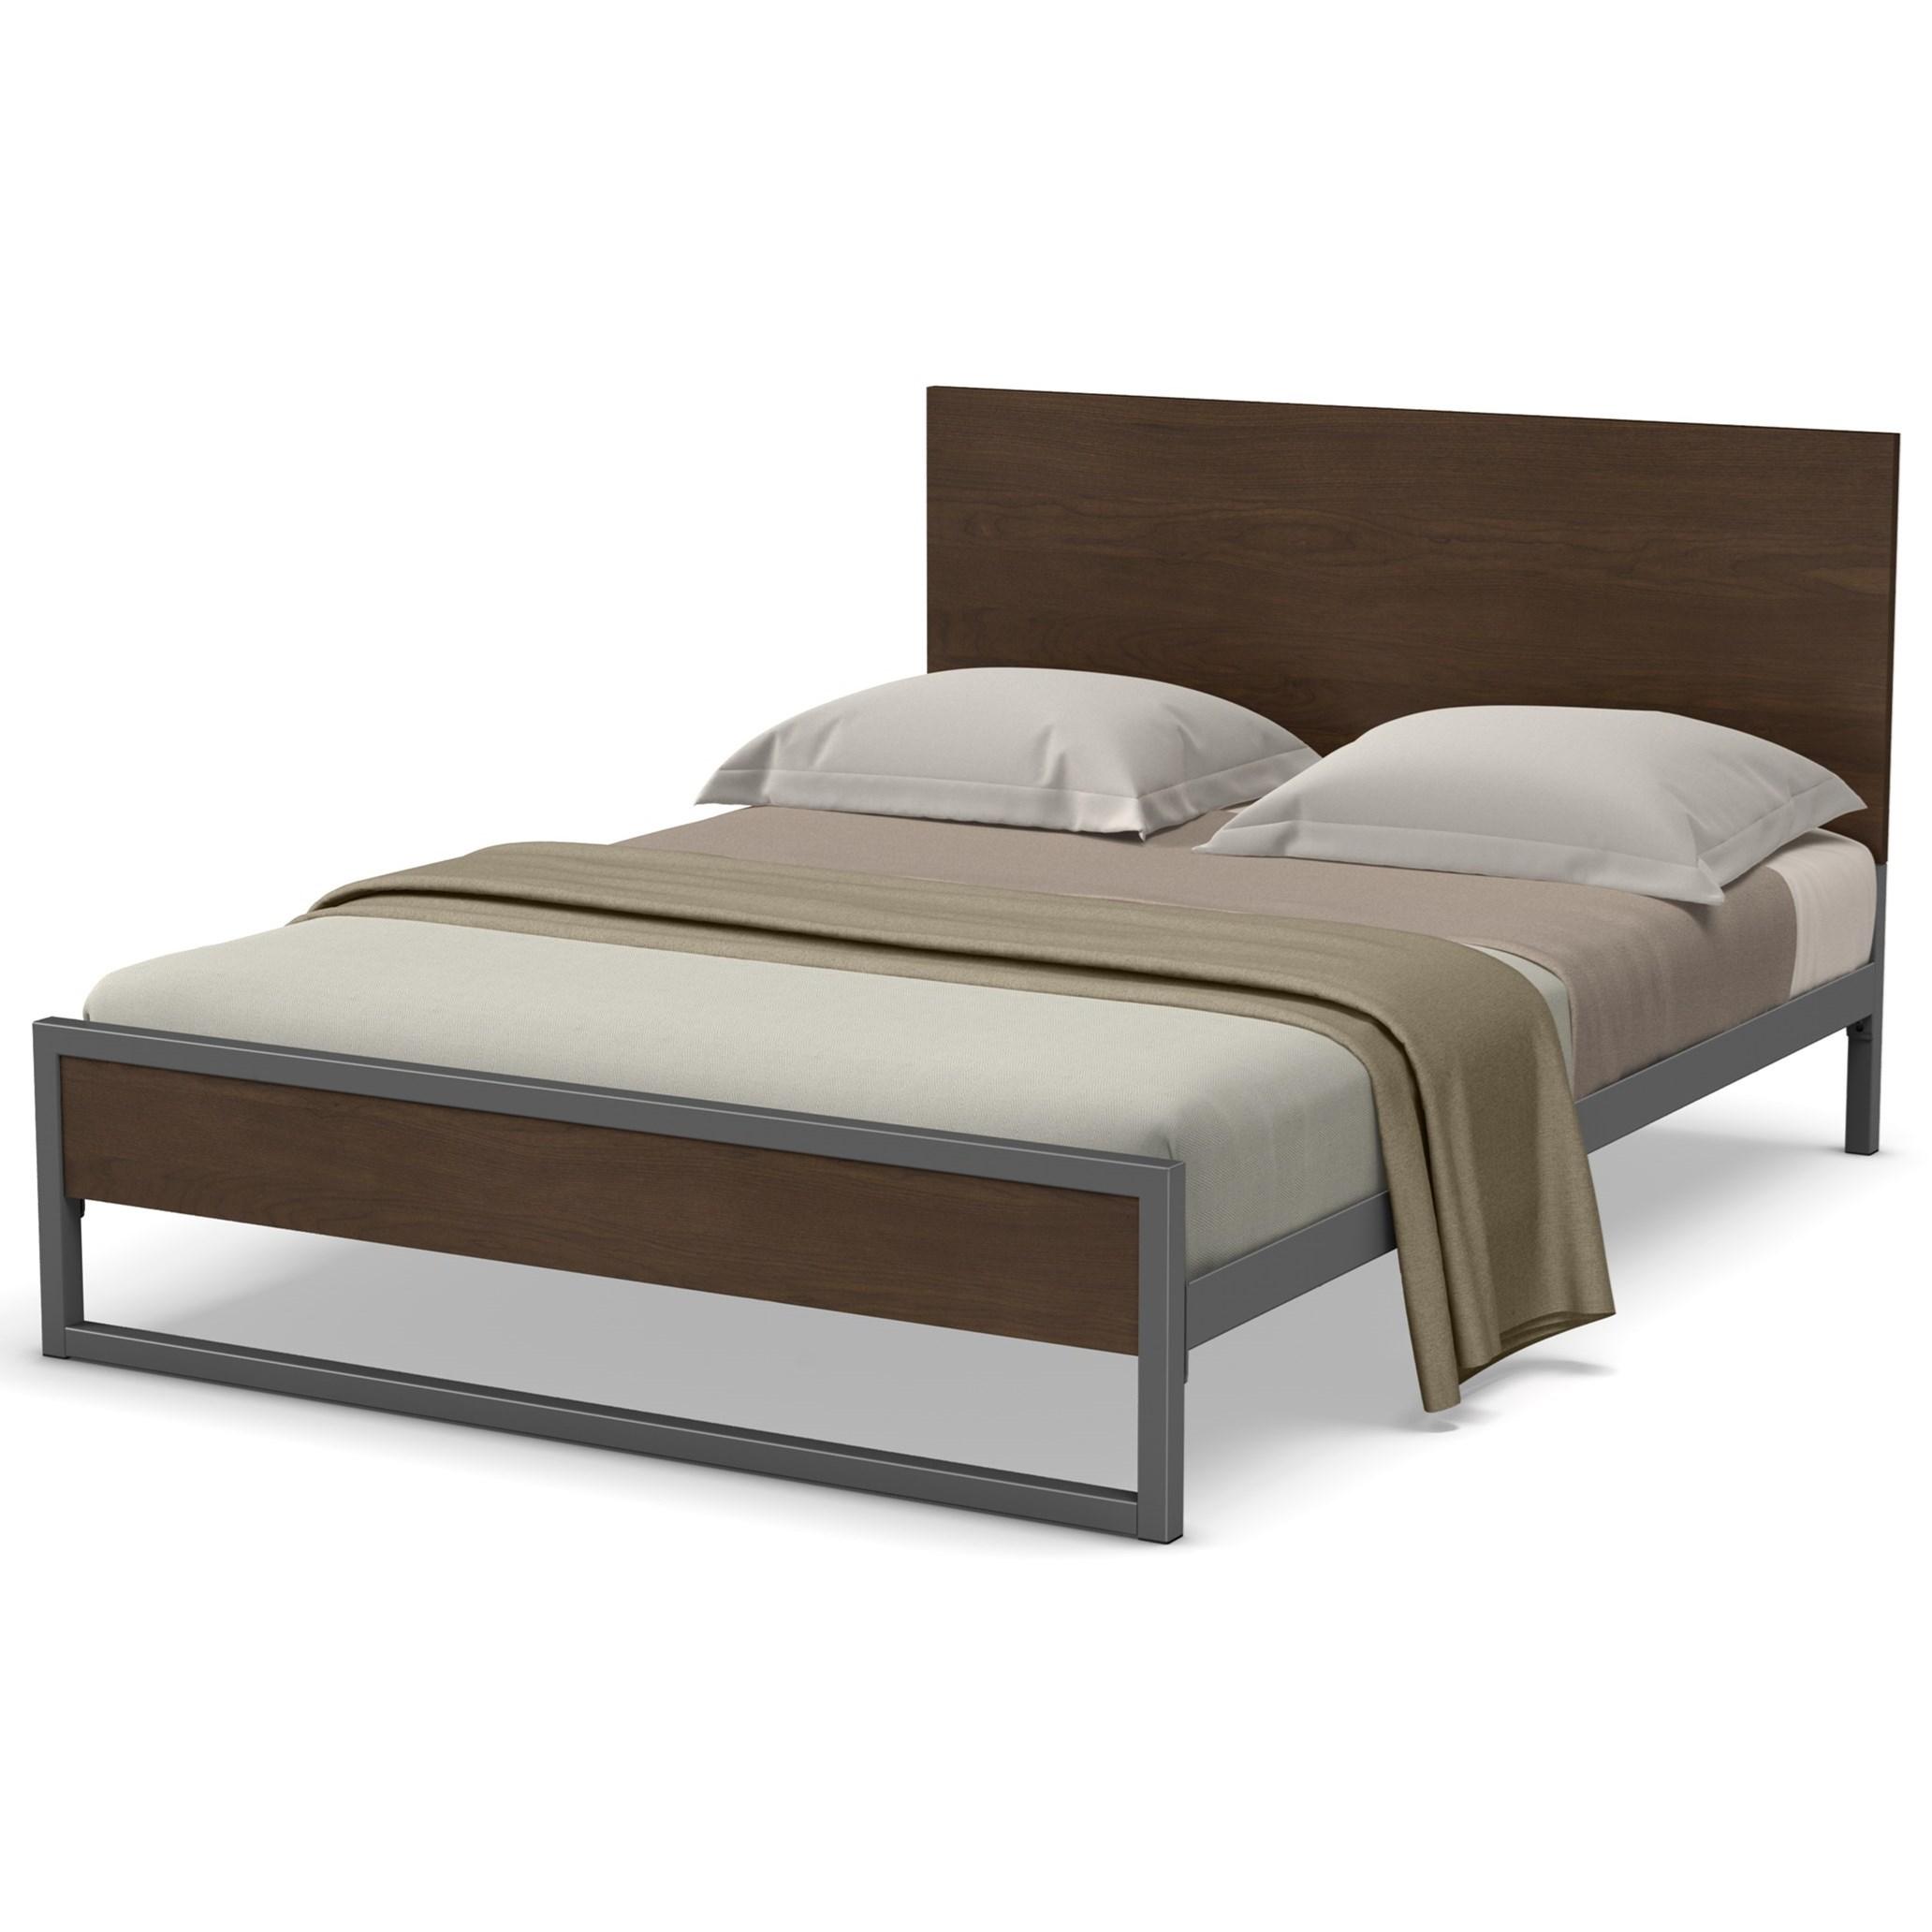 Queen Lidgie Regular Footboard Bed